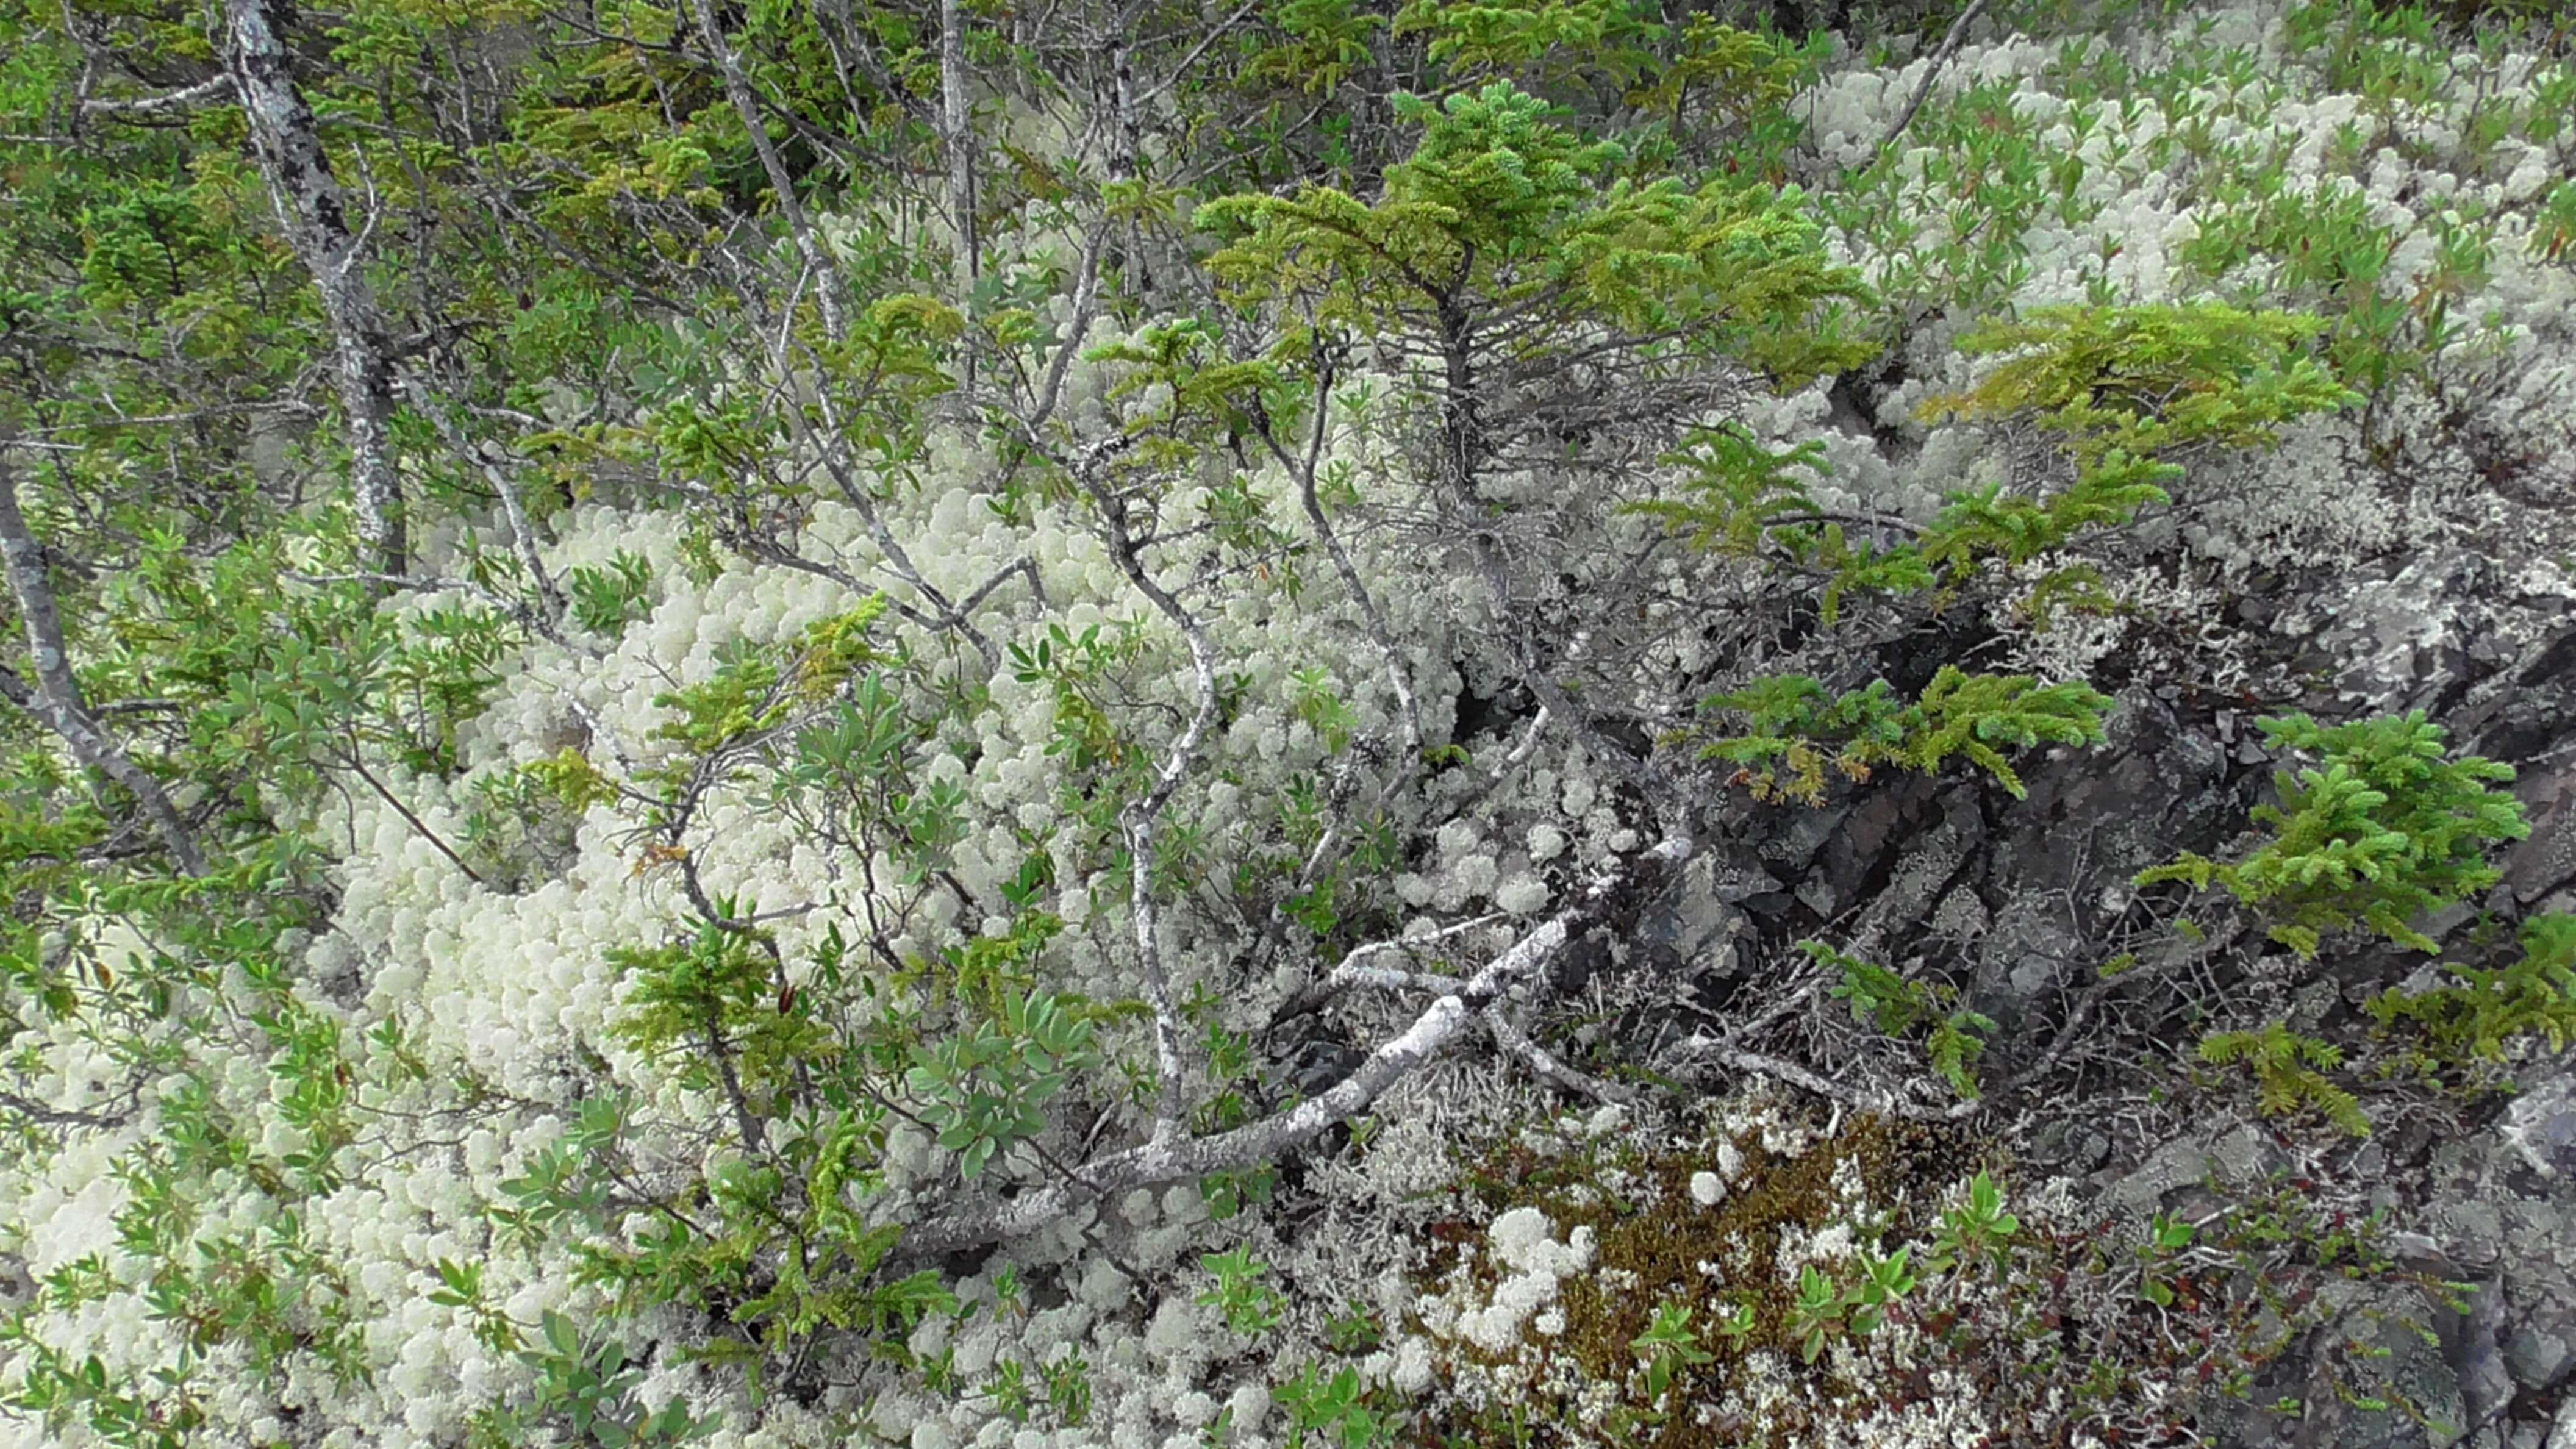 Caribou Moss, Terra Nova National Park, Newfoundland